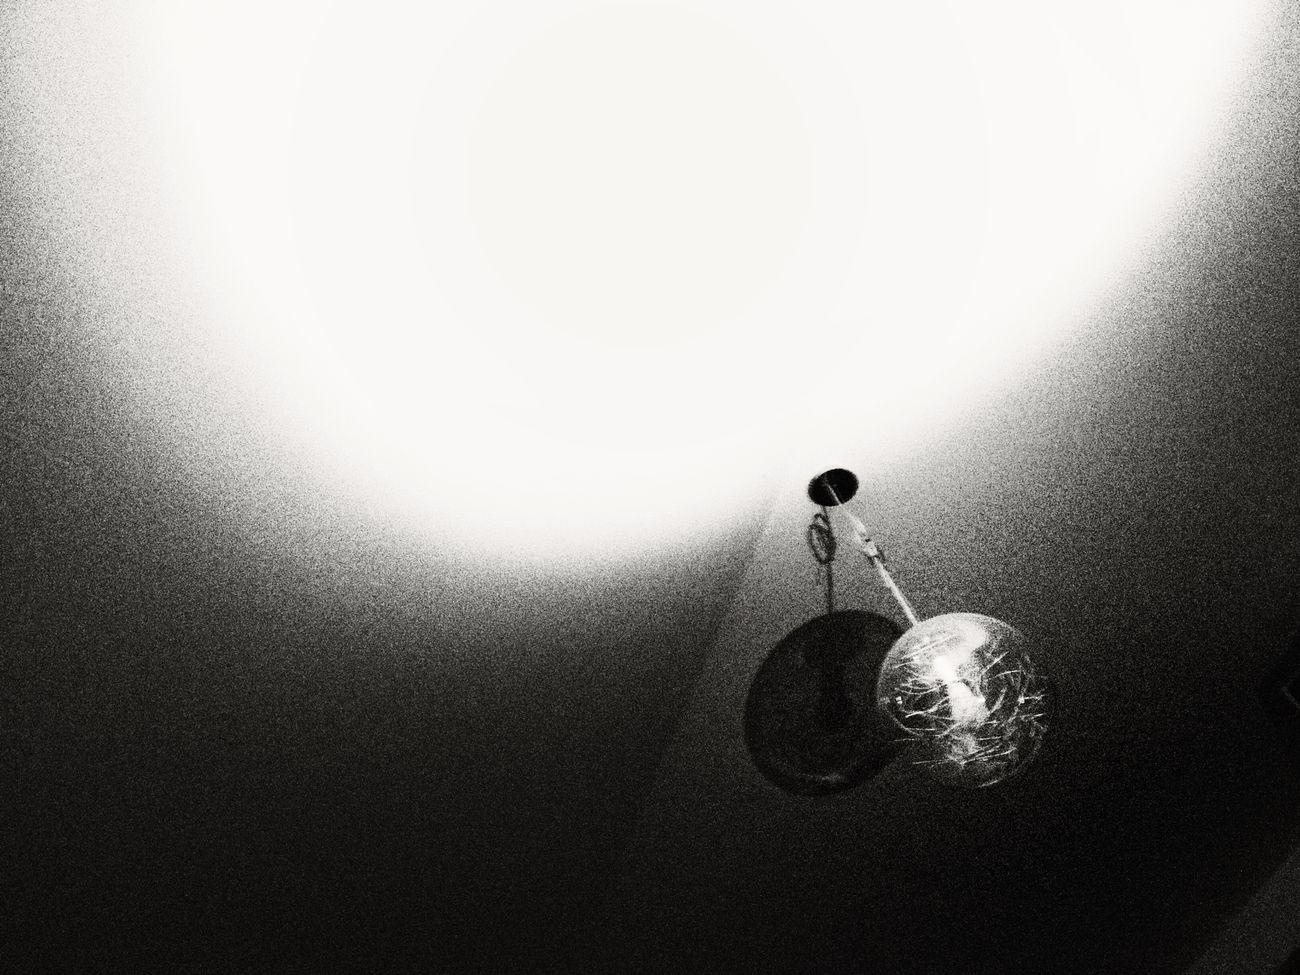 Lamp David De La Cruz Blackandwhite Black & White Photography